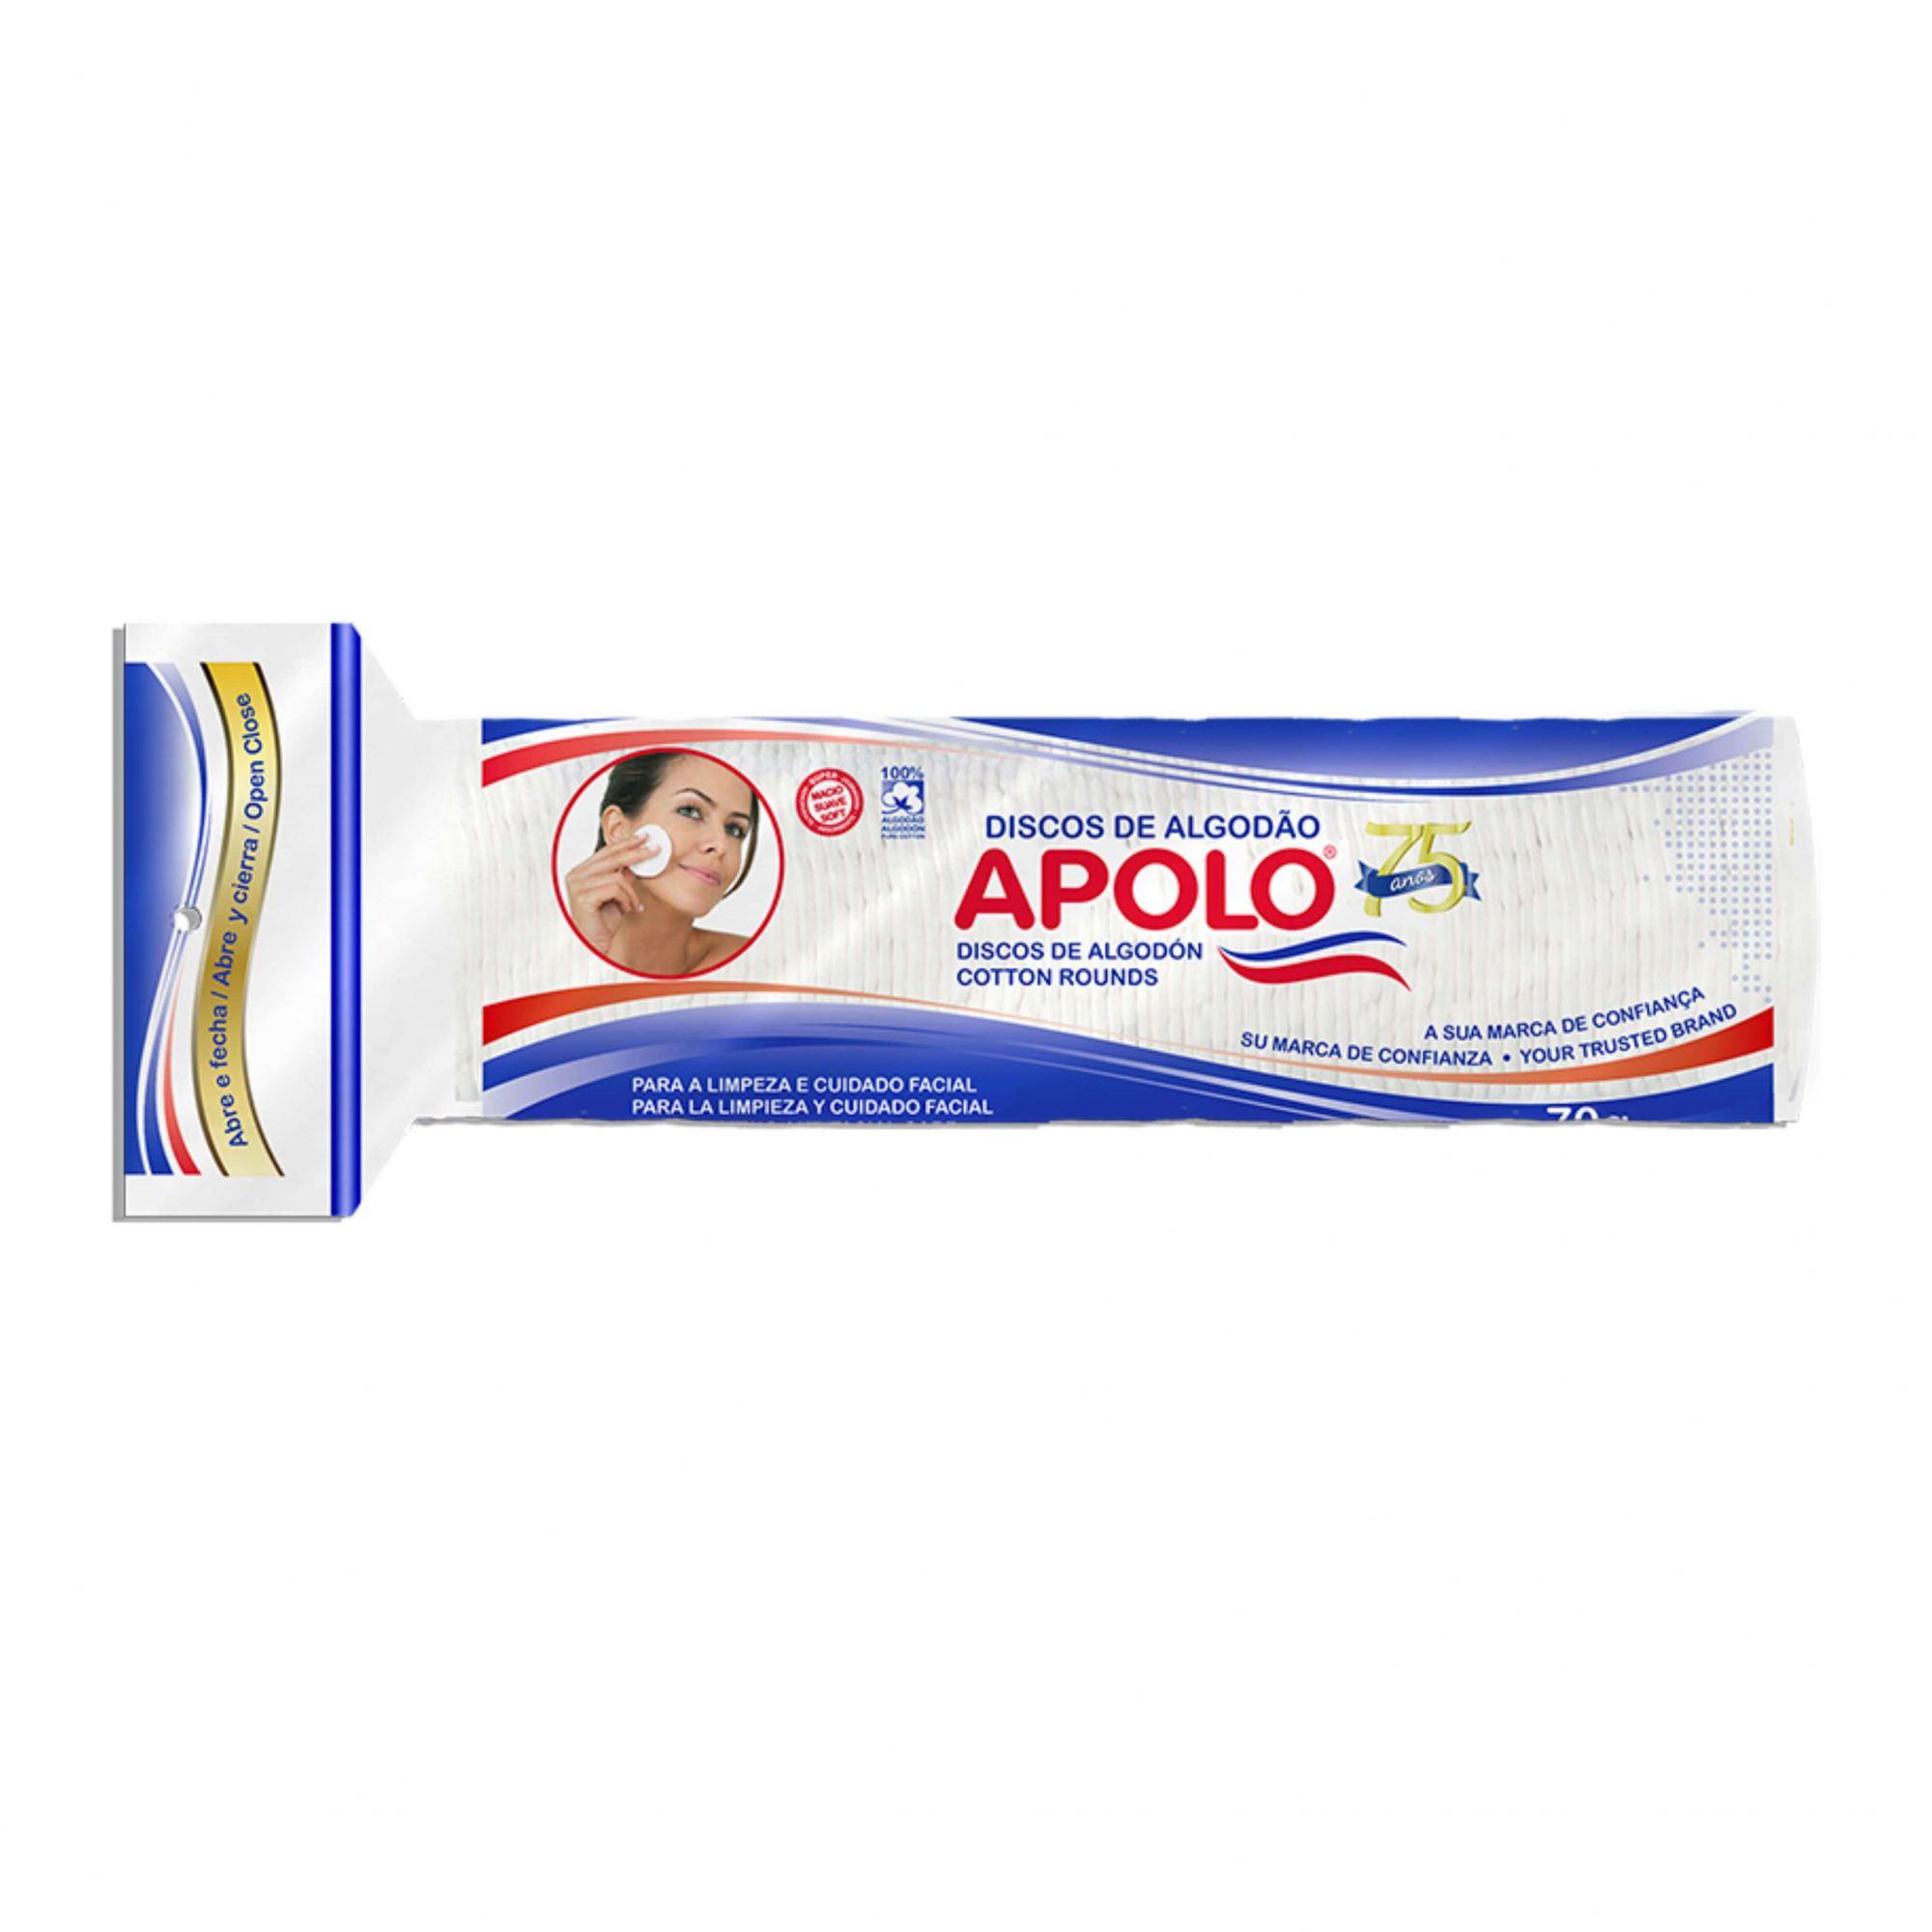 Discos de algodão Apolo 70g